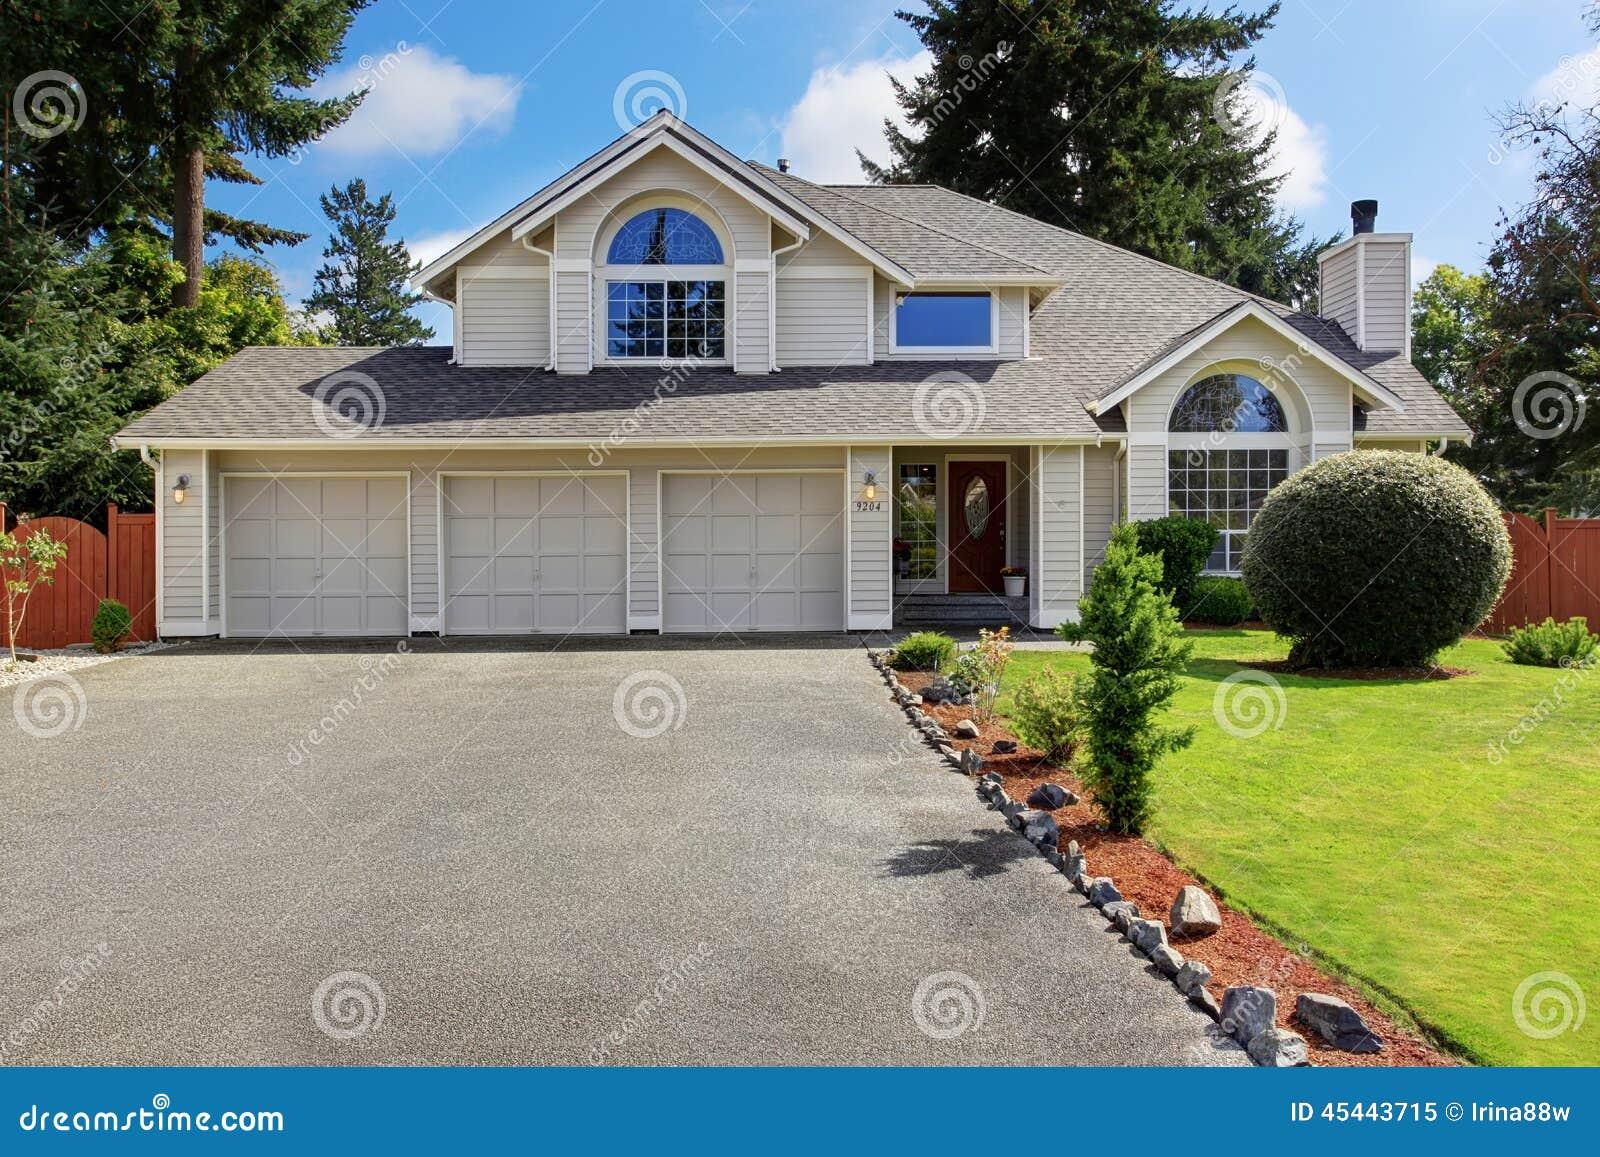 belle maison ext rieure avec l 39 appel de restriction photo On belle maison exterieure